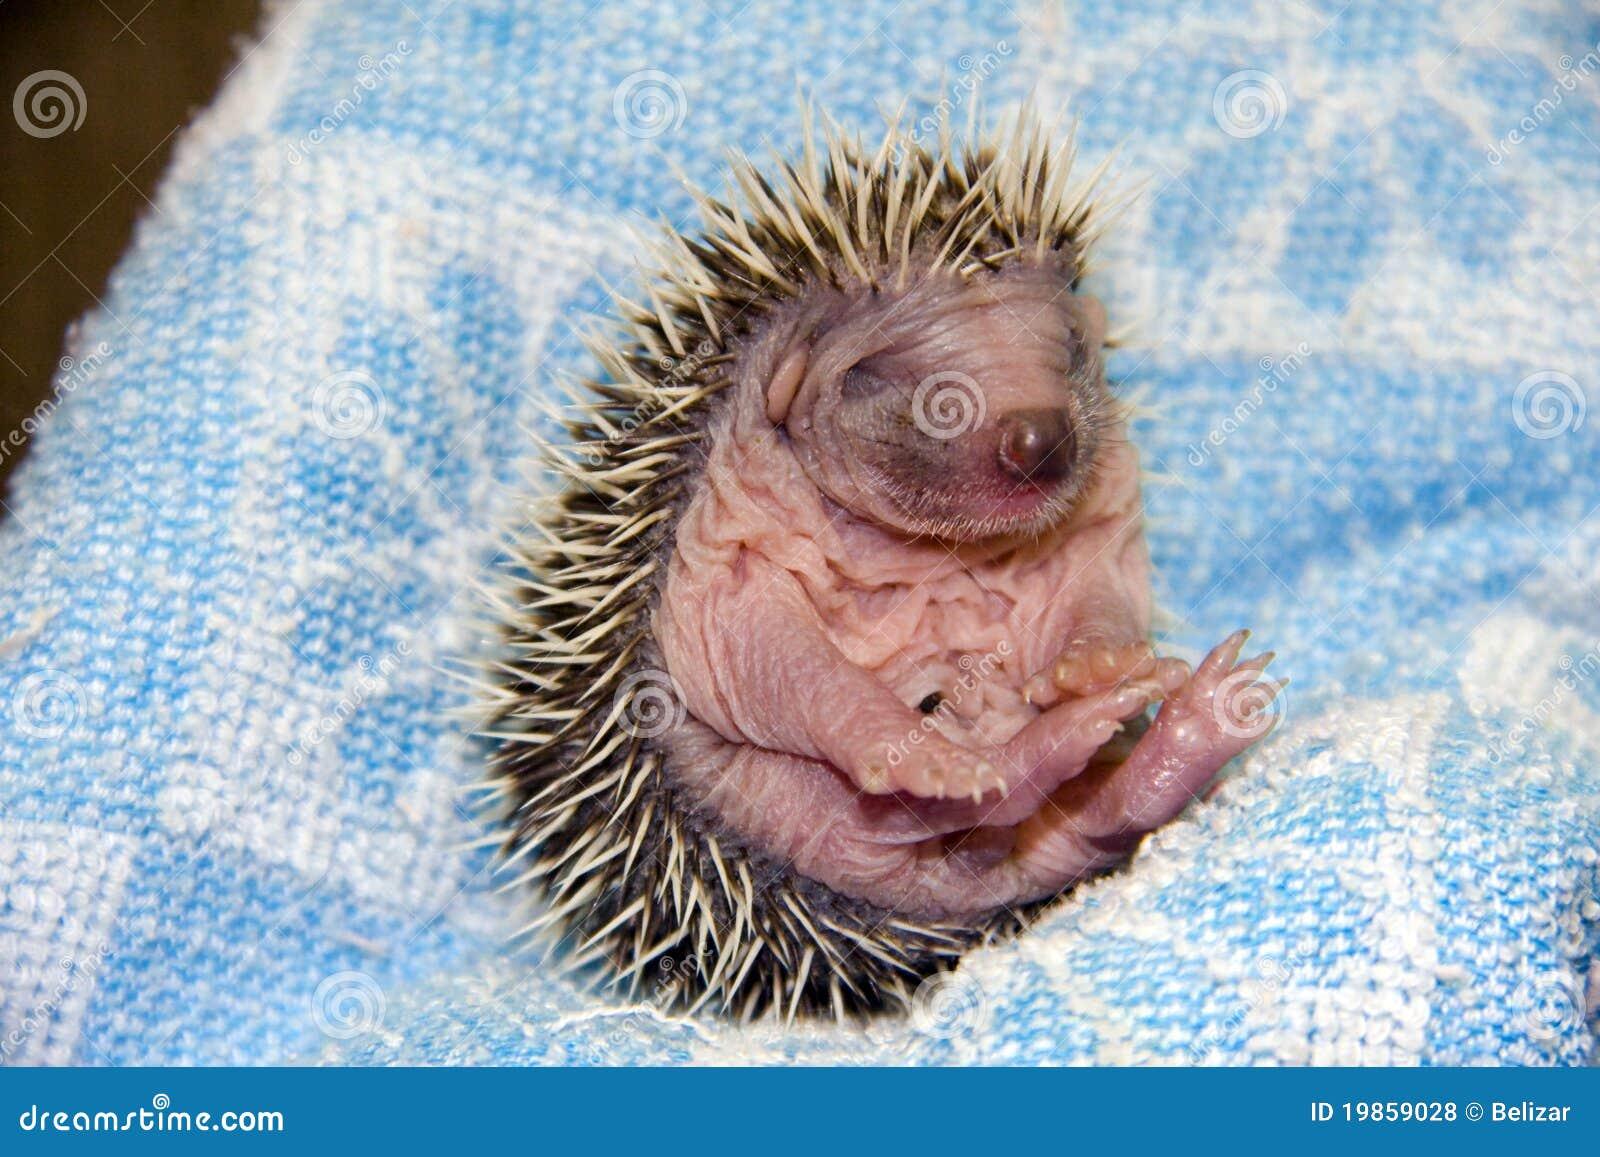 Baby Hedgehog (Erinaceus roumanicus)